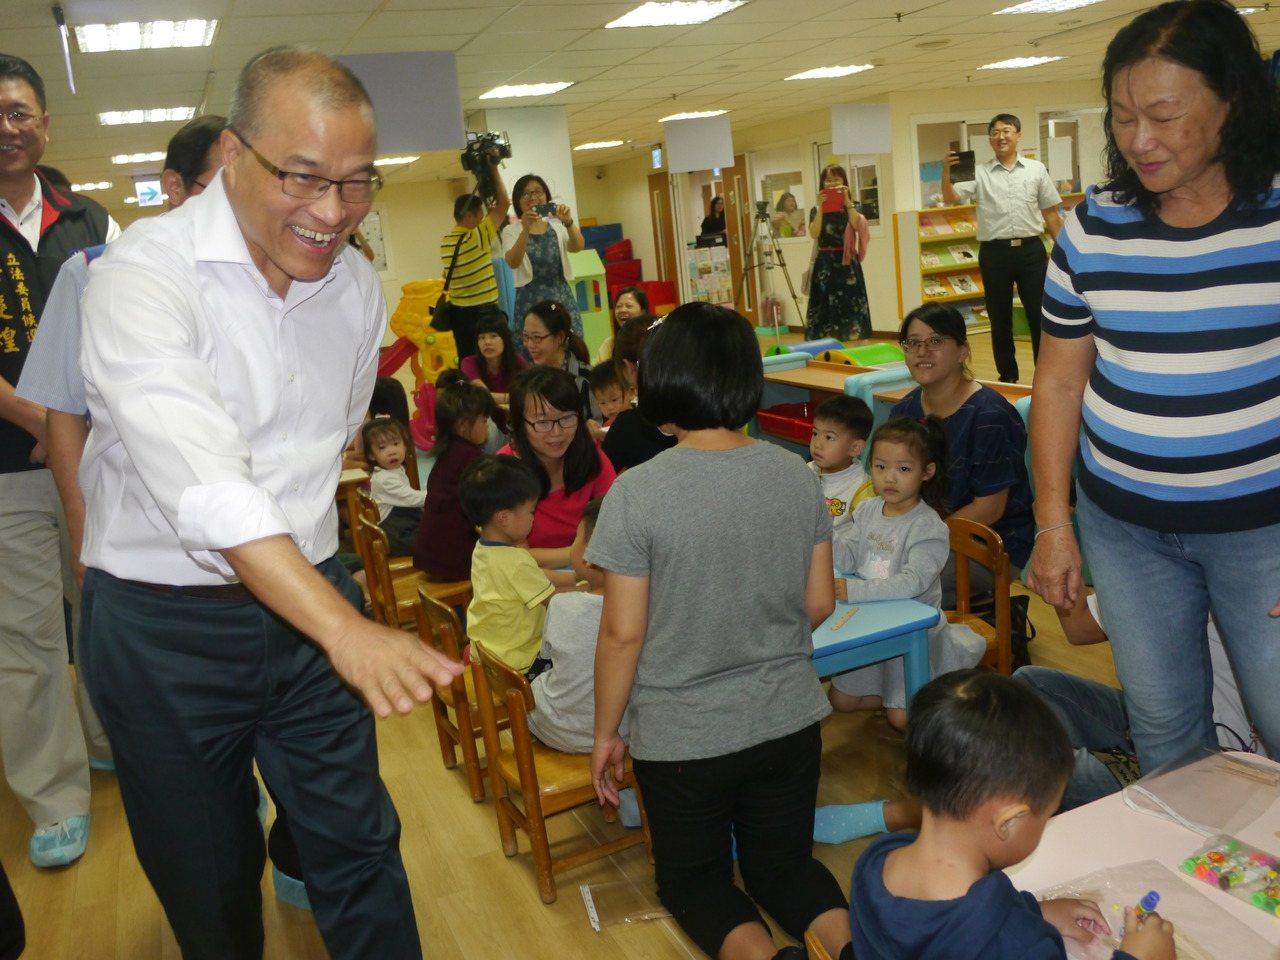 高市副市長葉匡時(左)到大寮公共托嬰中心暨育兒資源中心參訪,跟現場的家長與小朋友...